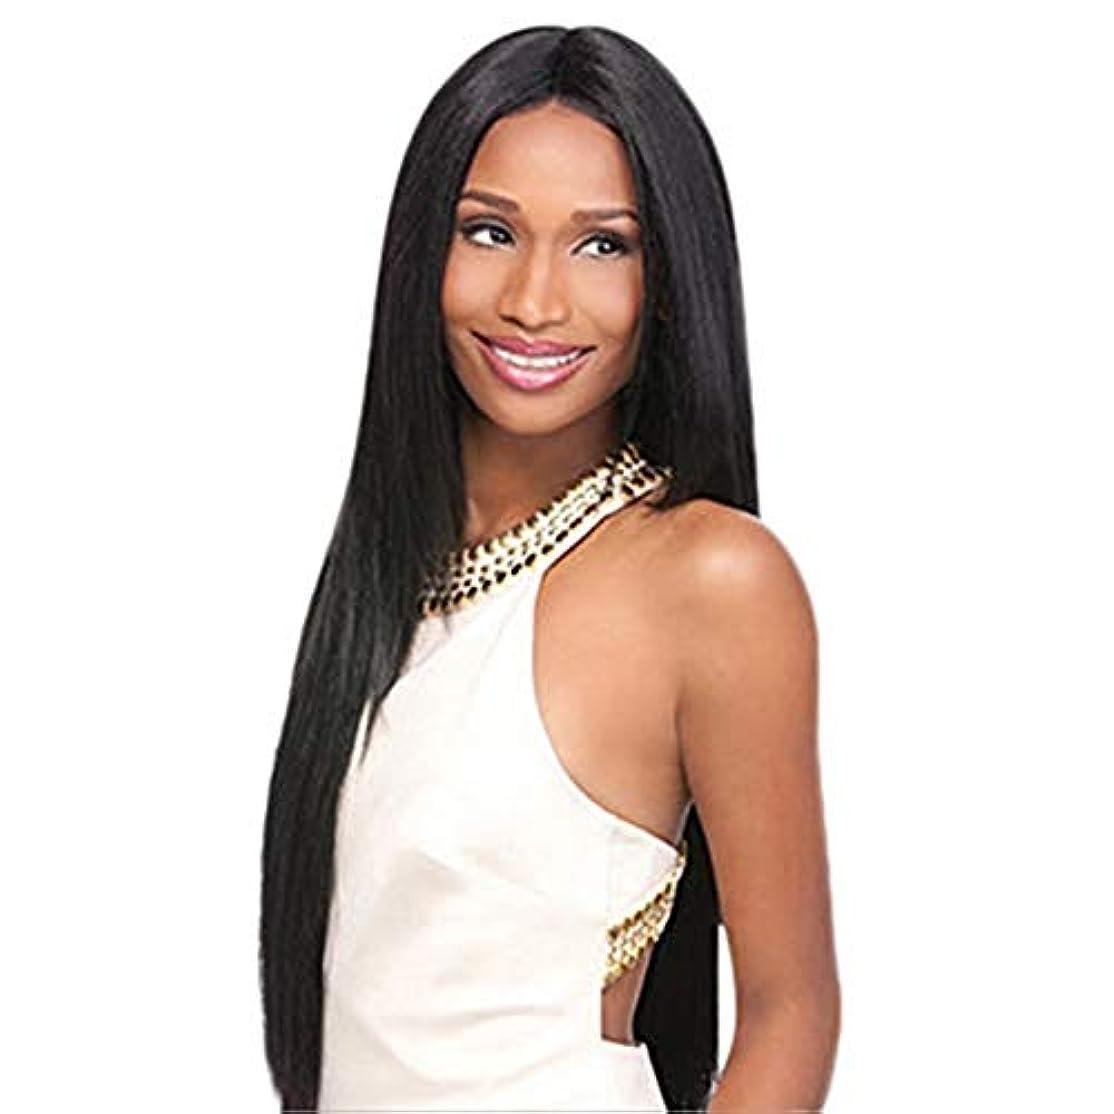 コンサルタントストレスの多い蒸発完全なかつら80CMをしている女性の黒い長いストレートの髪のかつらの役割